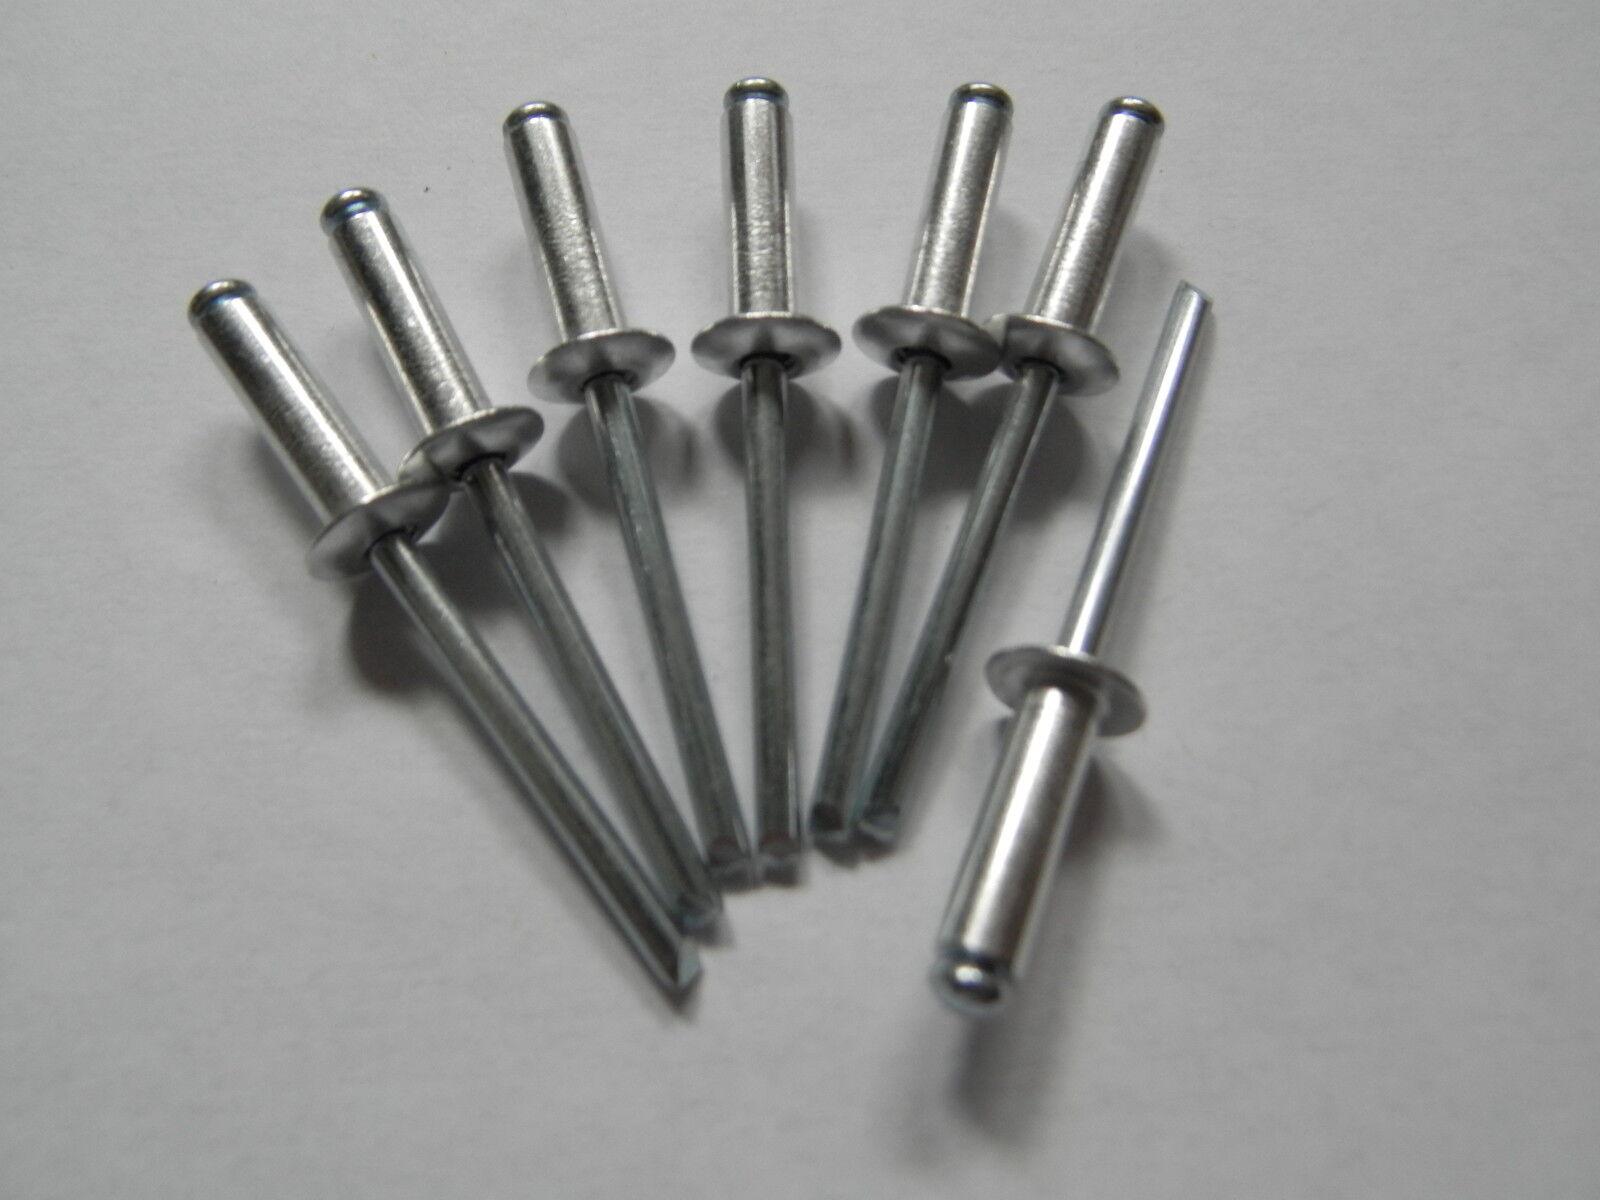 50 rivetage 4,8x12 popnieten FL 4,8 x x x 12 alu/acier 9a32cd